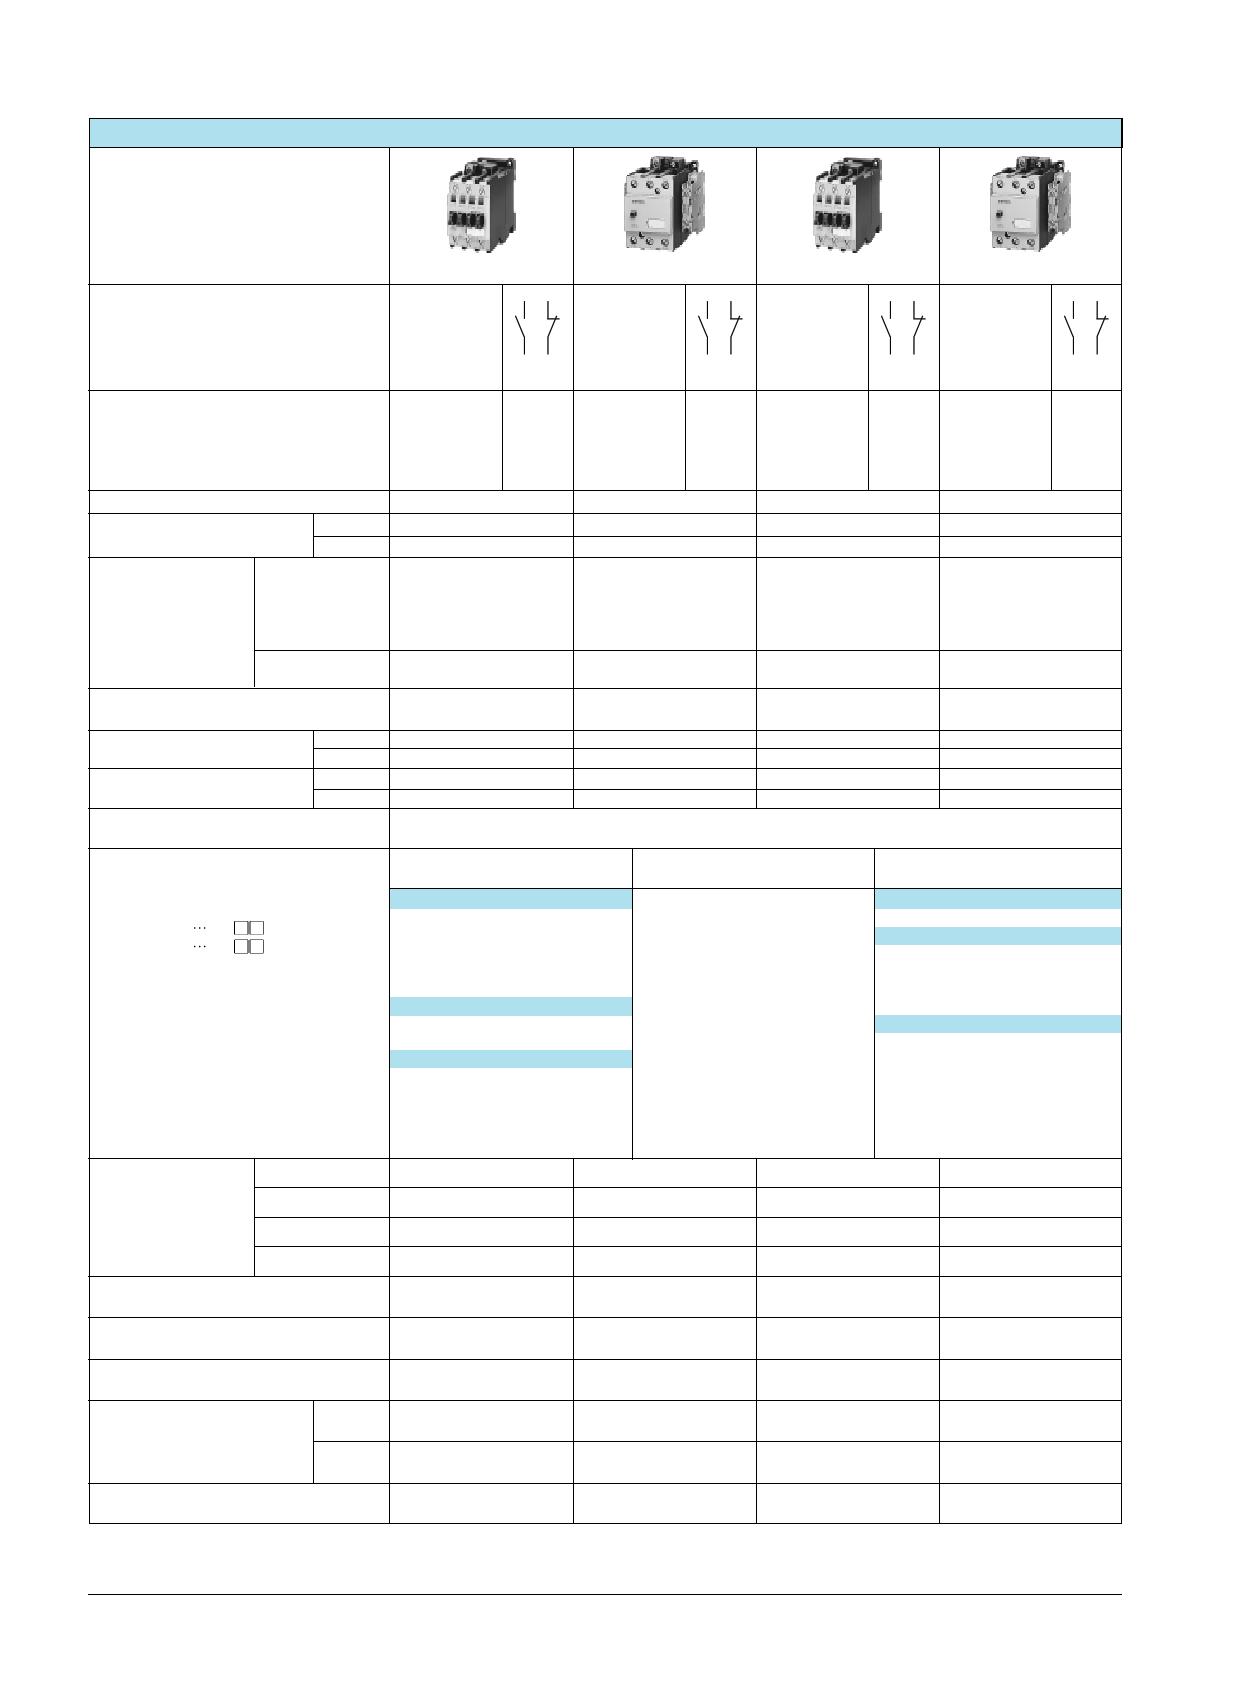 3TF54 pdf, 電子部品, 半導体, ピン配列